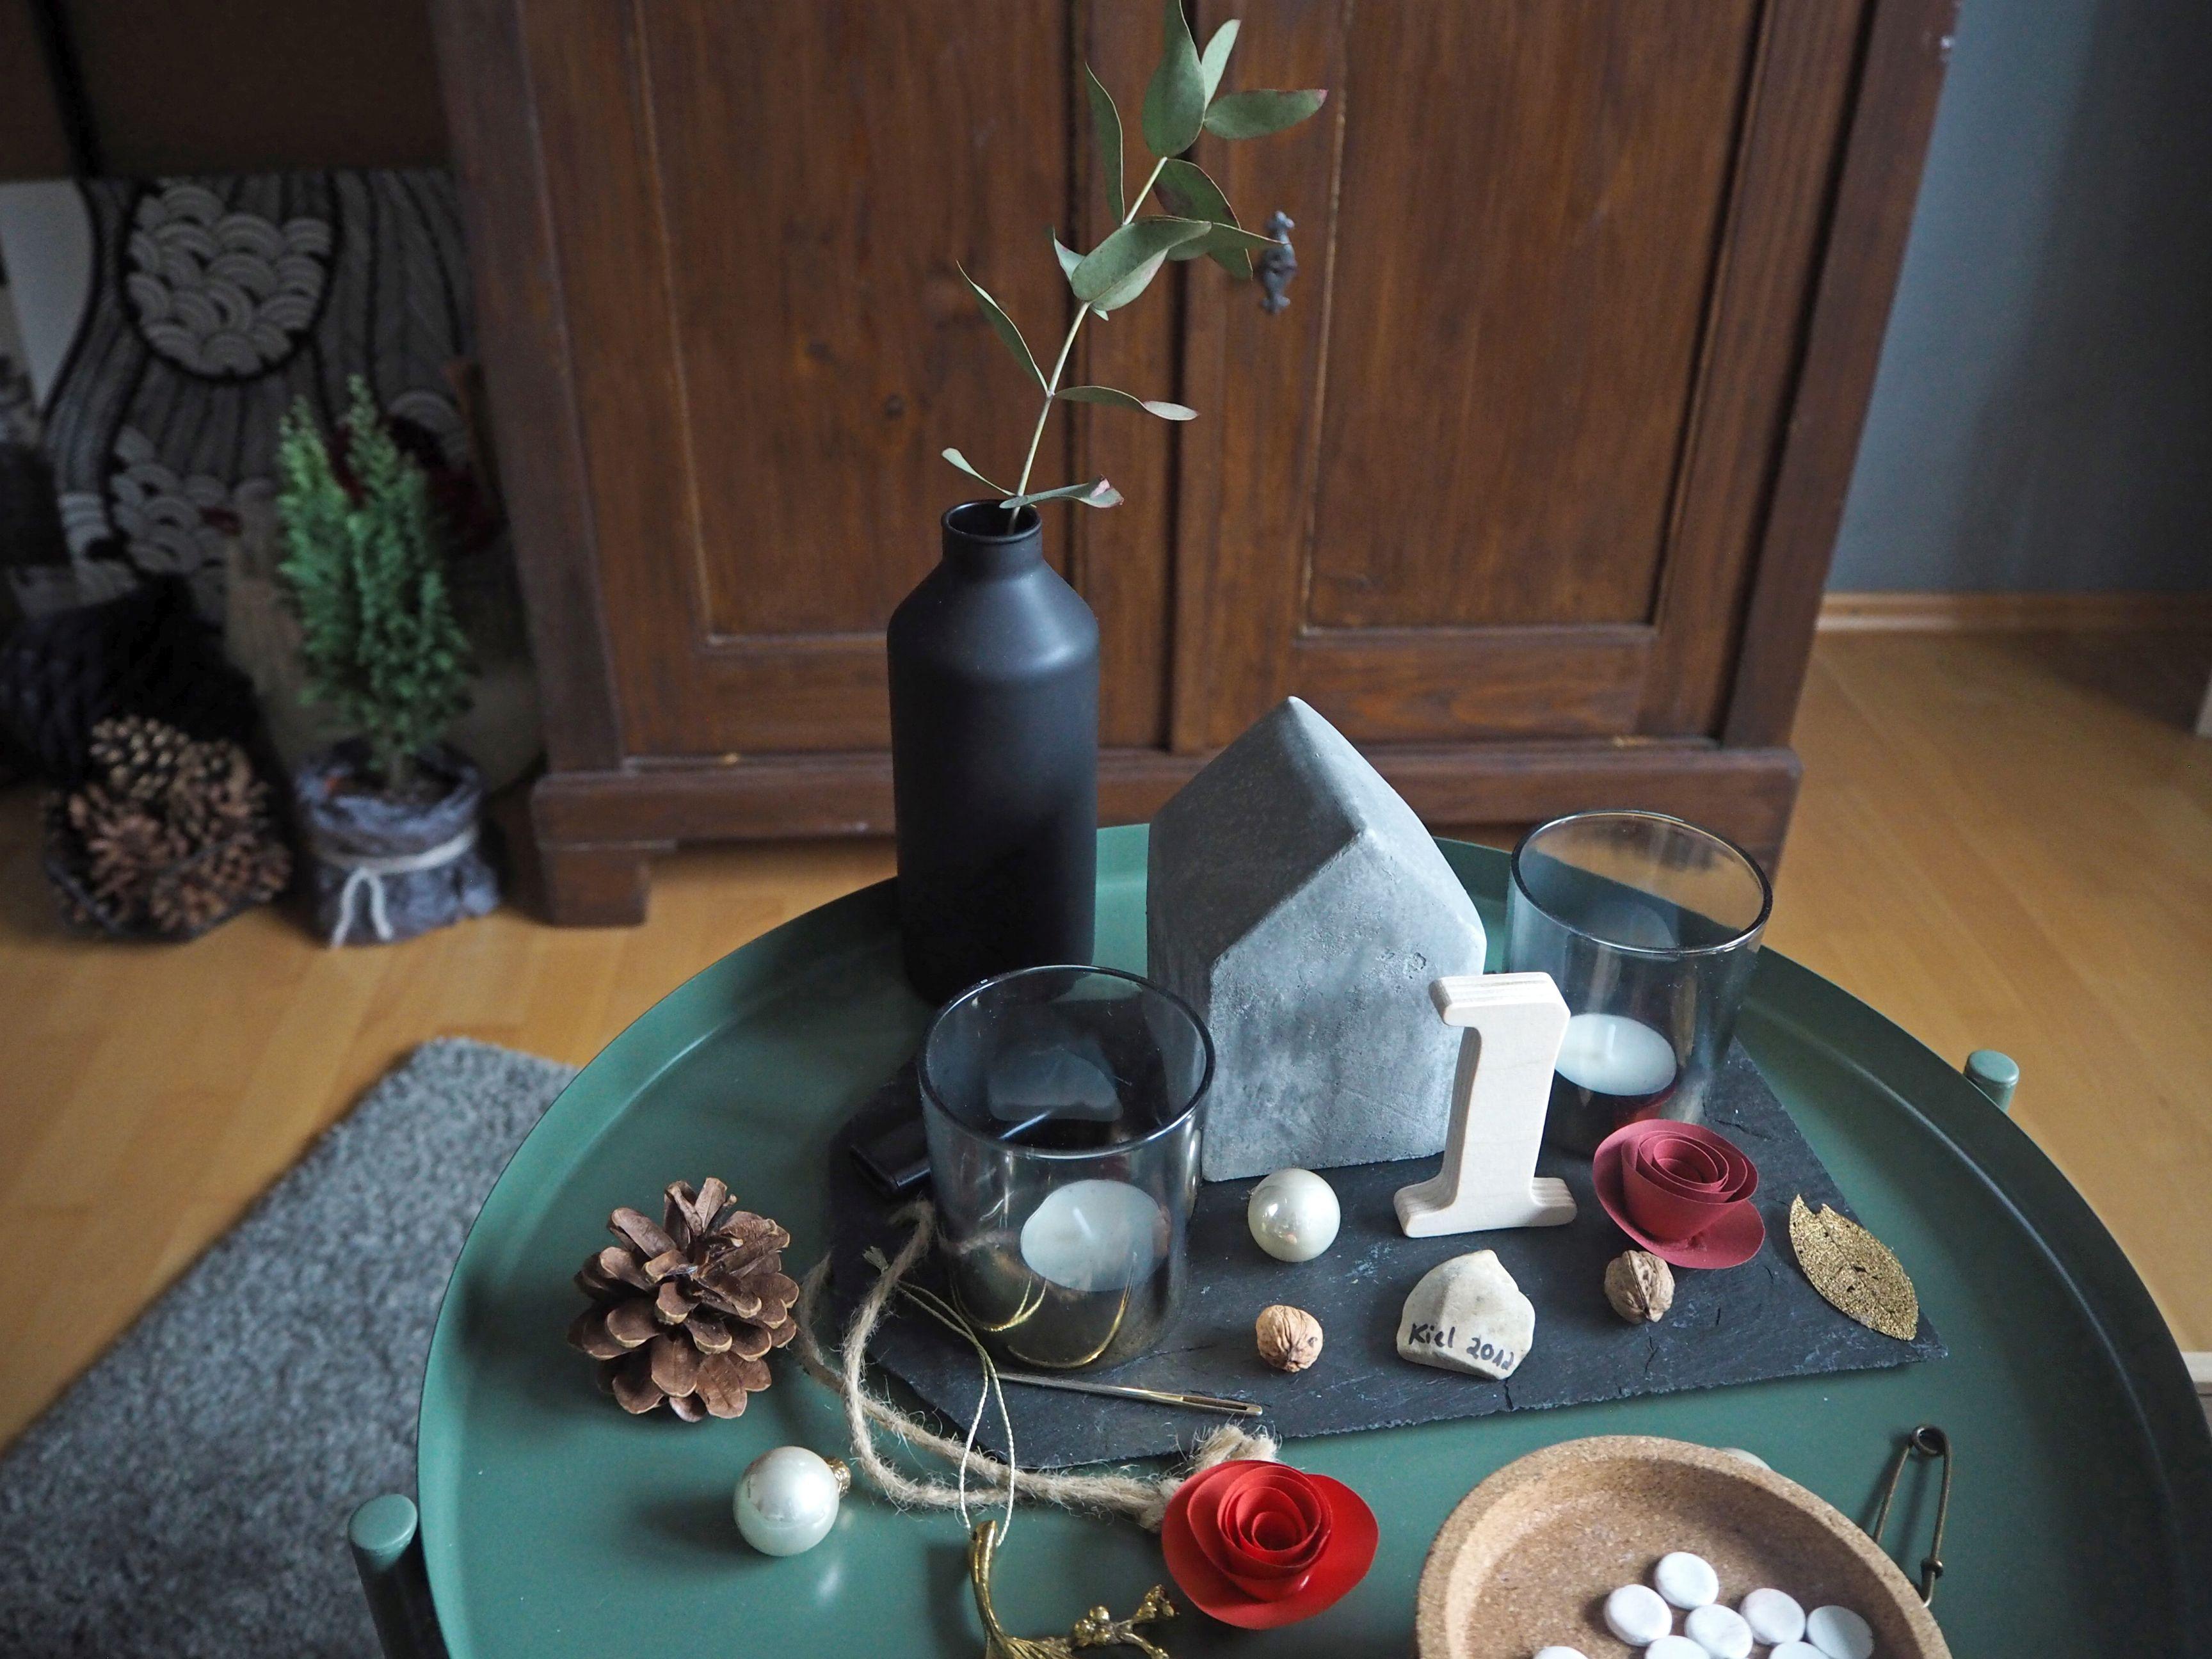 2018-skoen-och-kreativ-interior-god-jul-klassisches-rot-fuer-weihnachten-wohnzimmer (14)